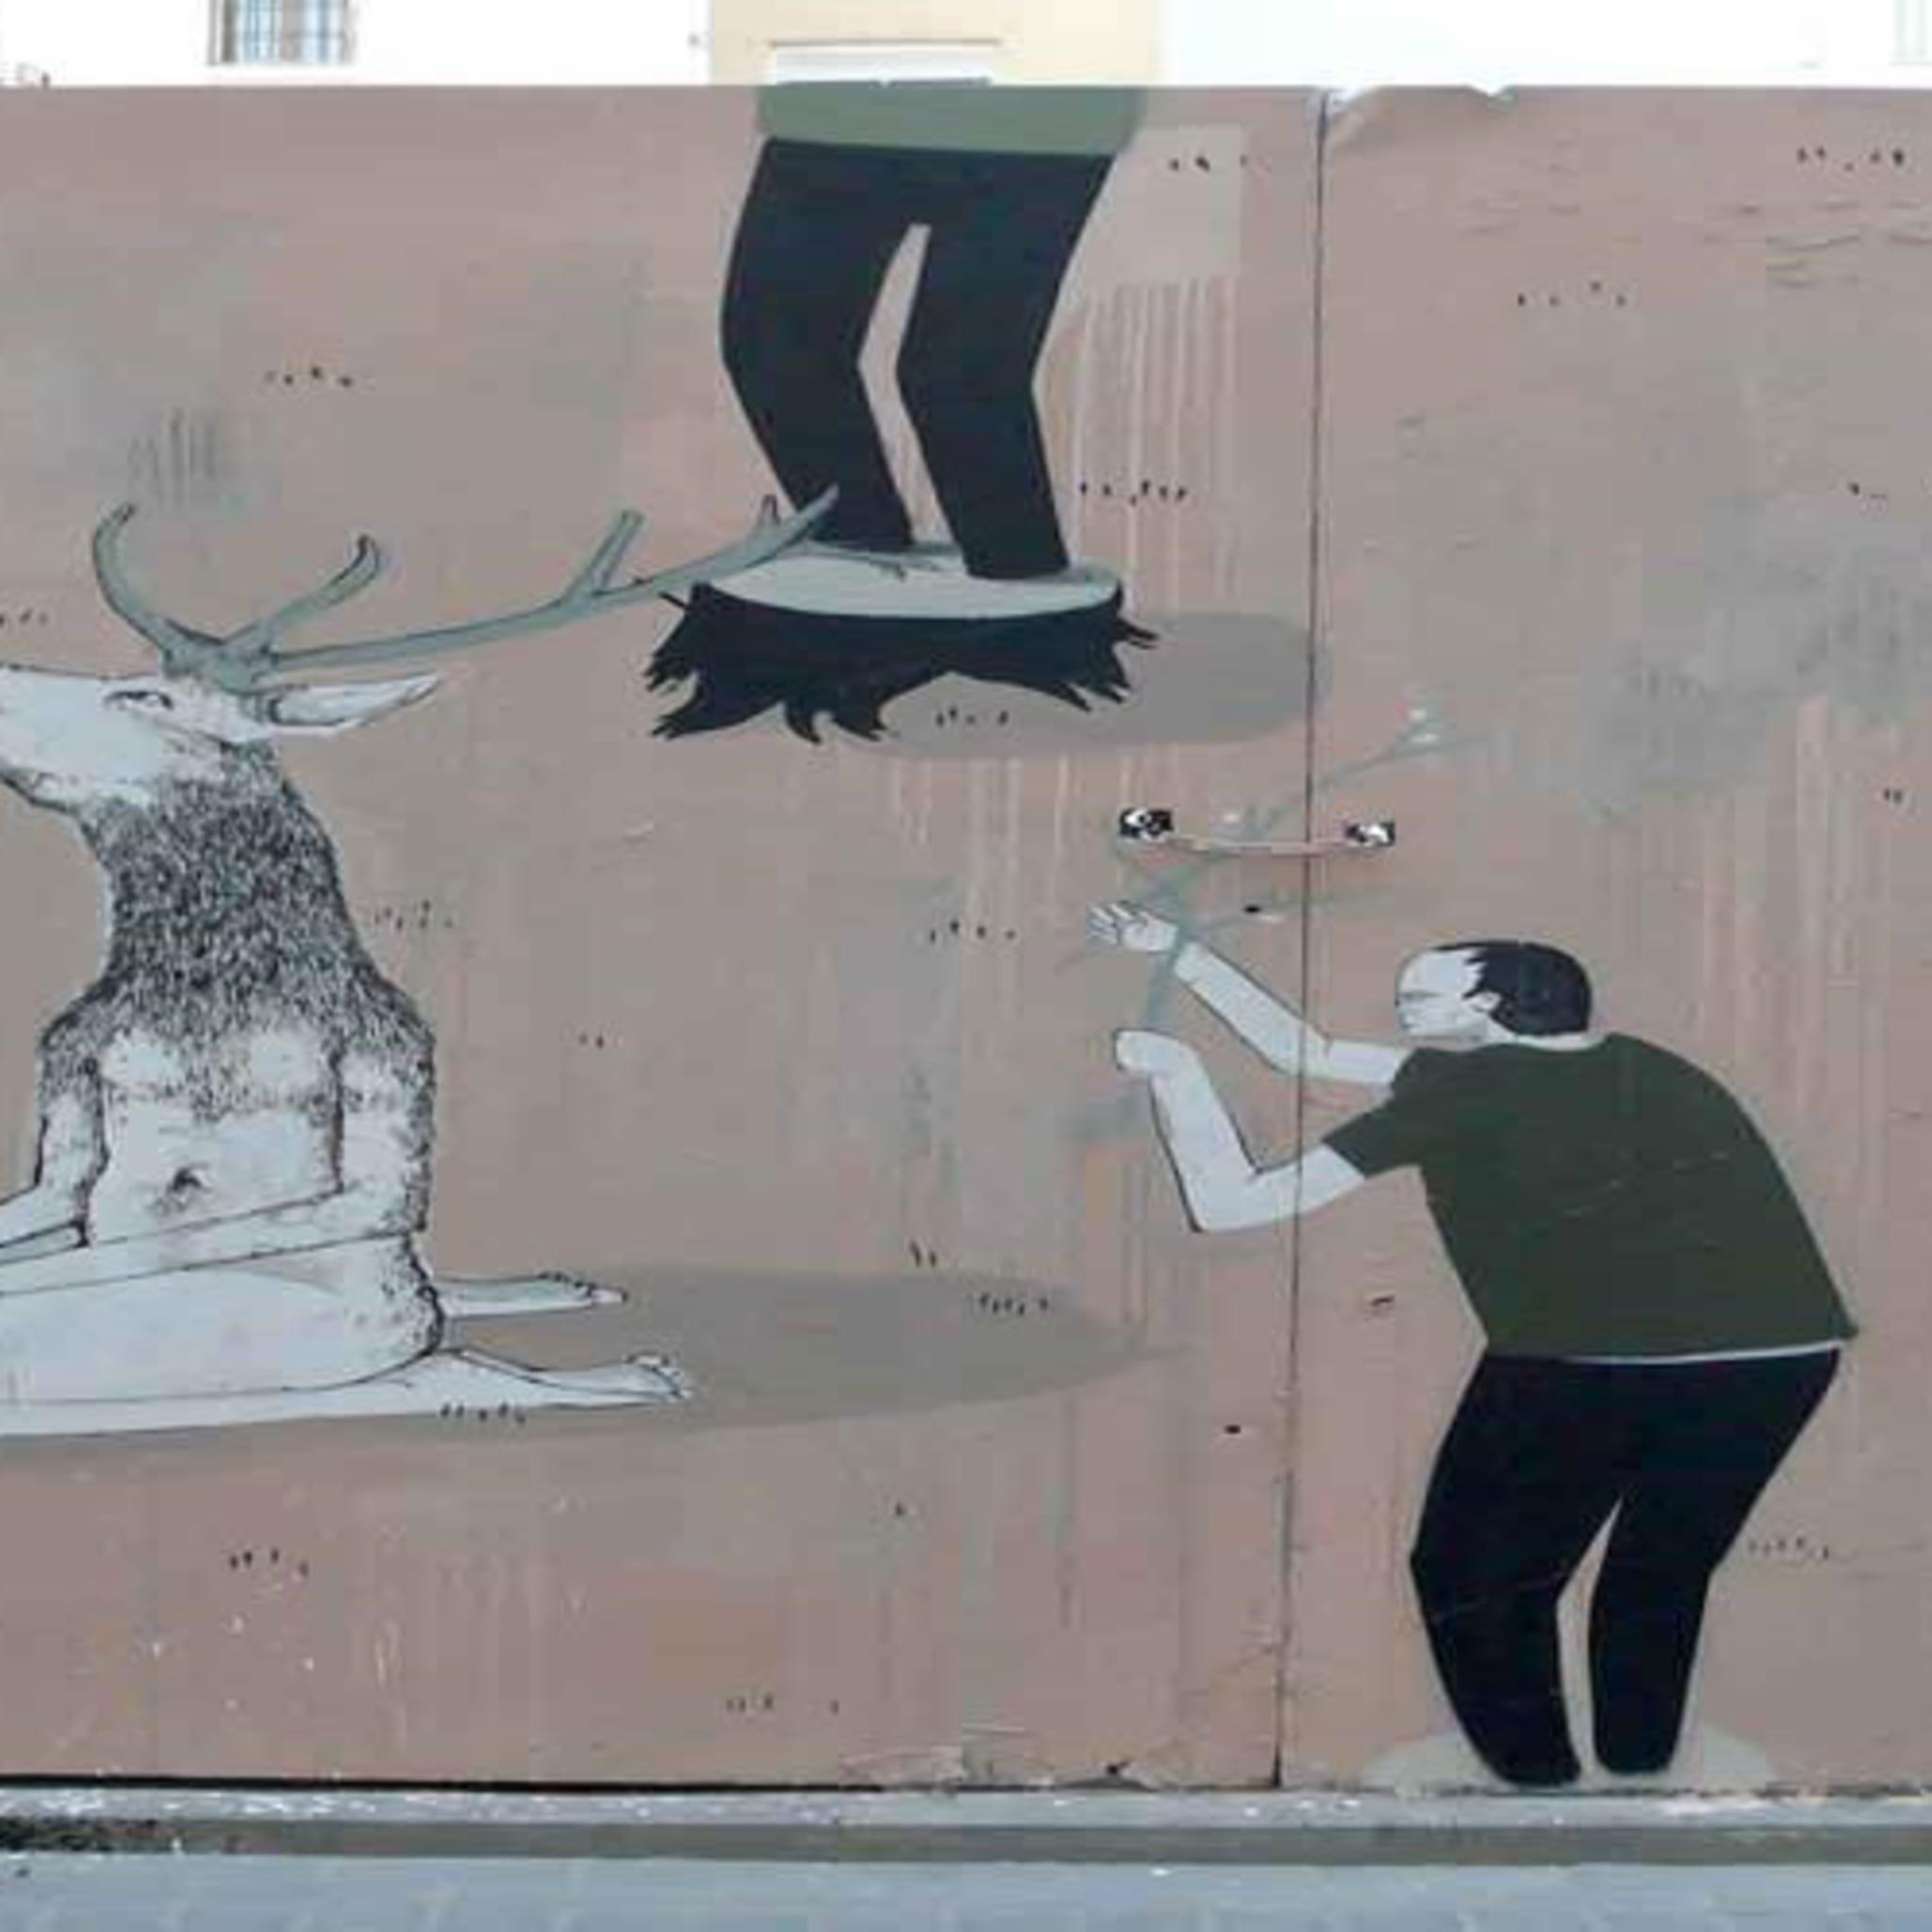 Œuvre Par Escif, Hyuro à Valence